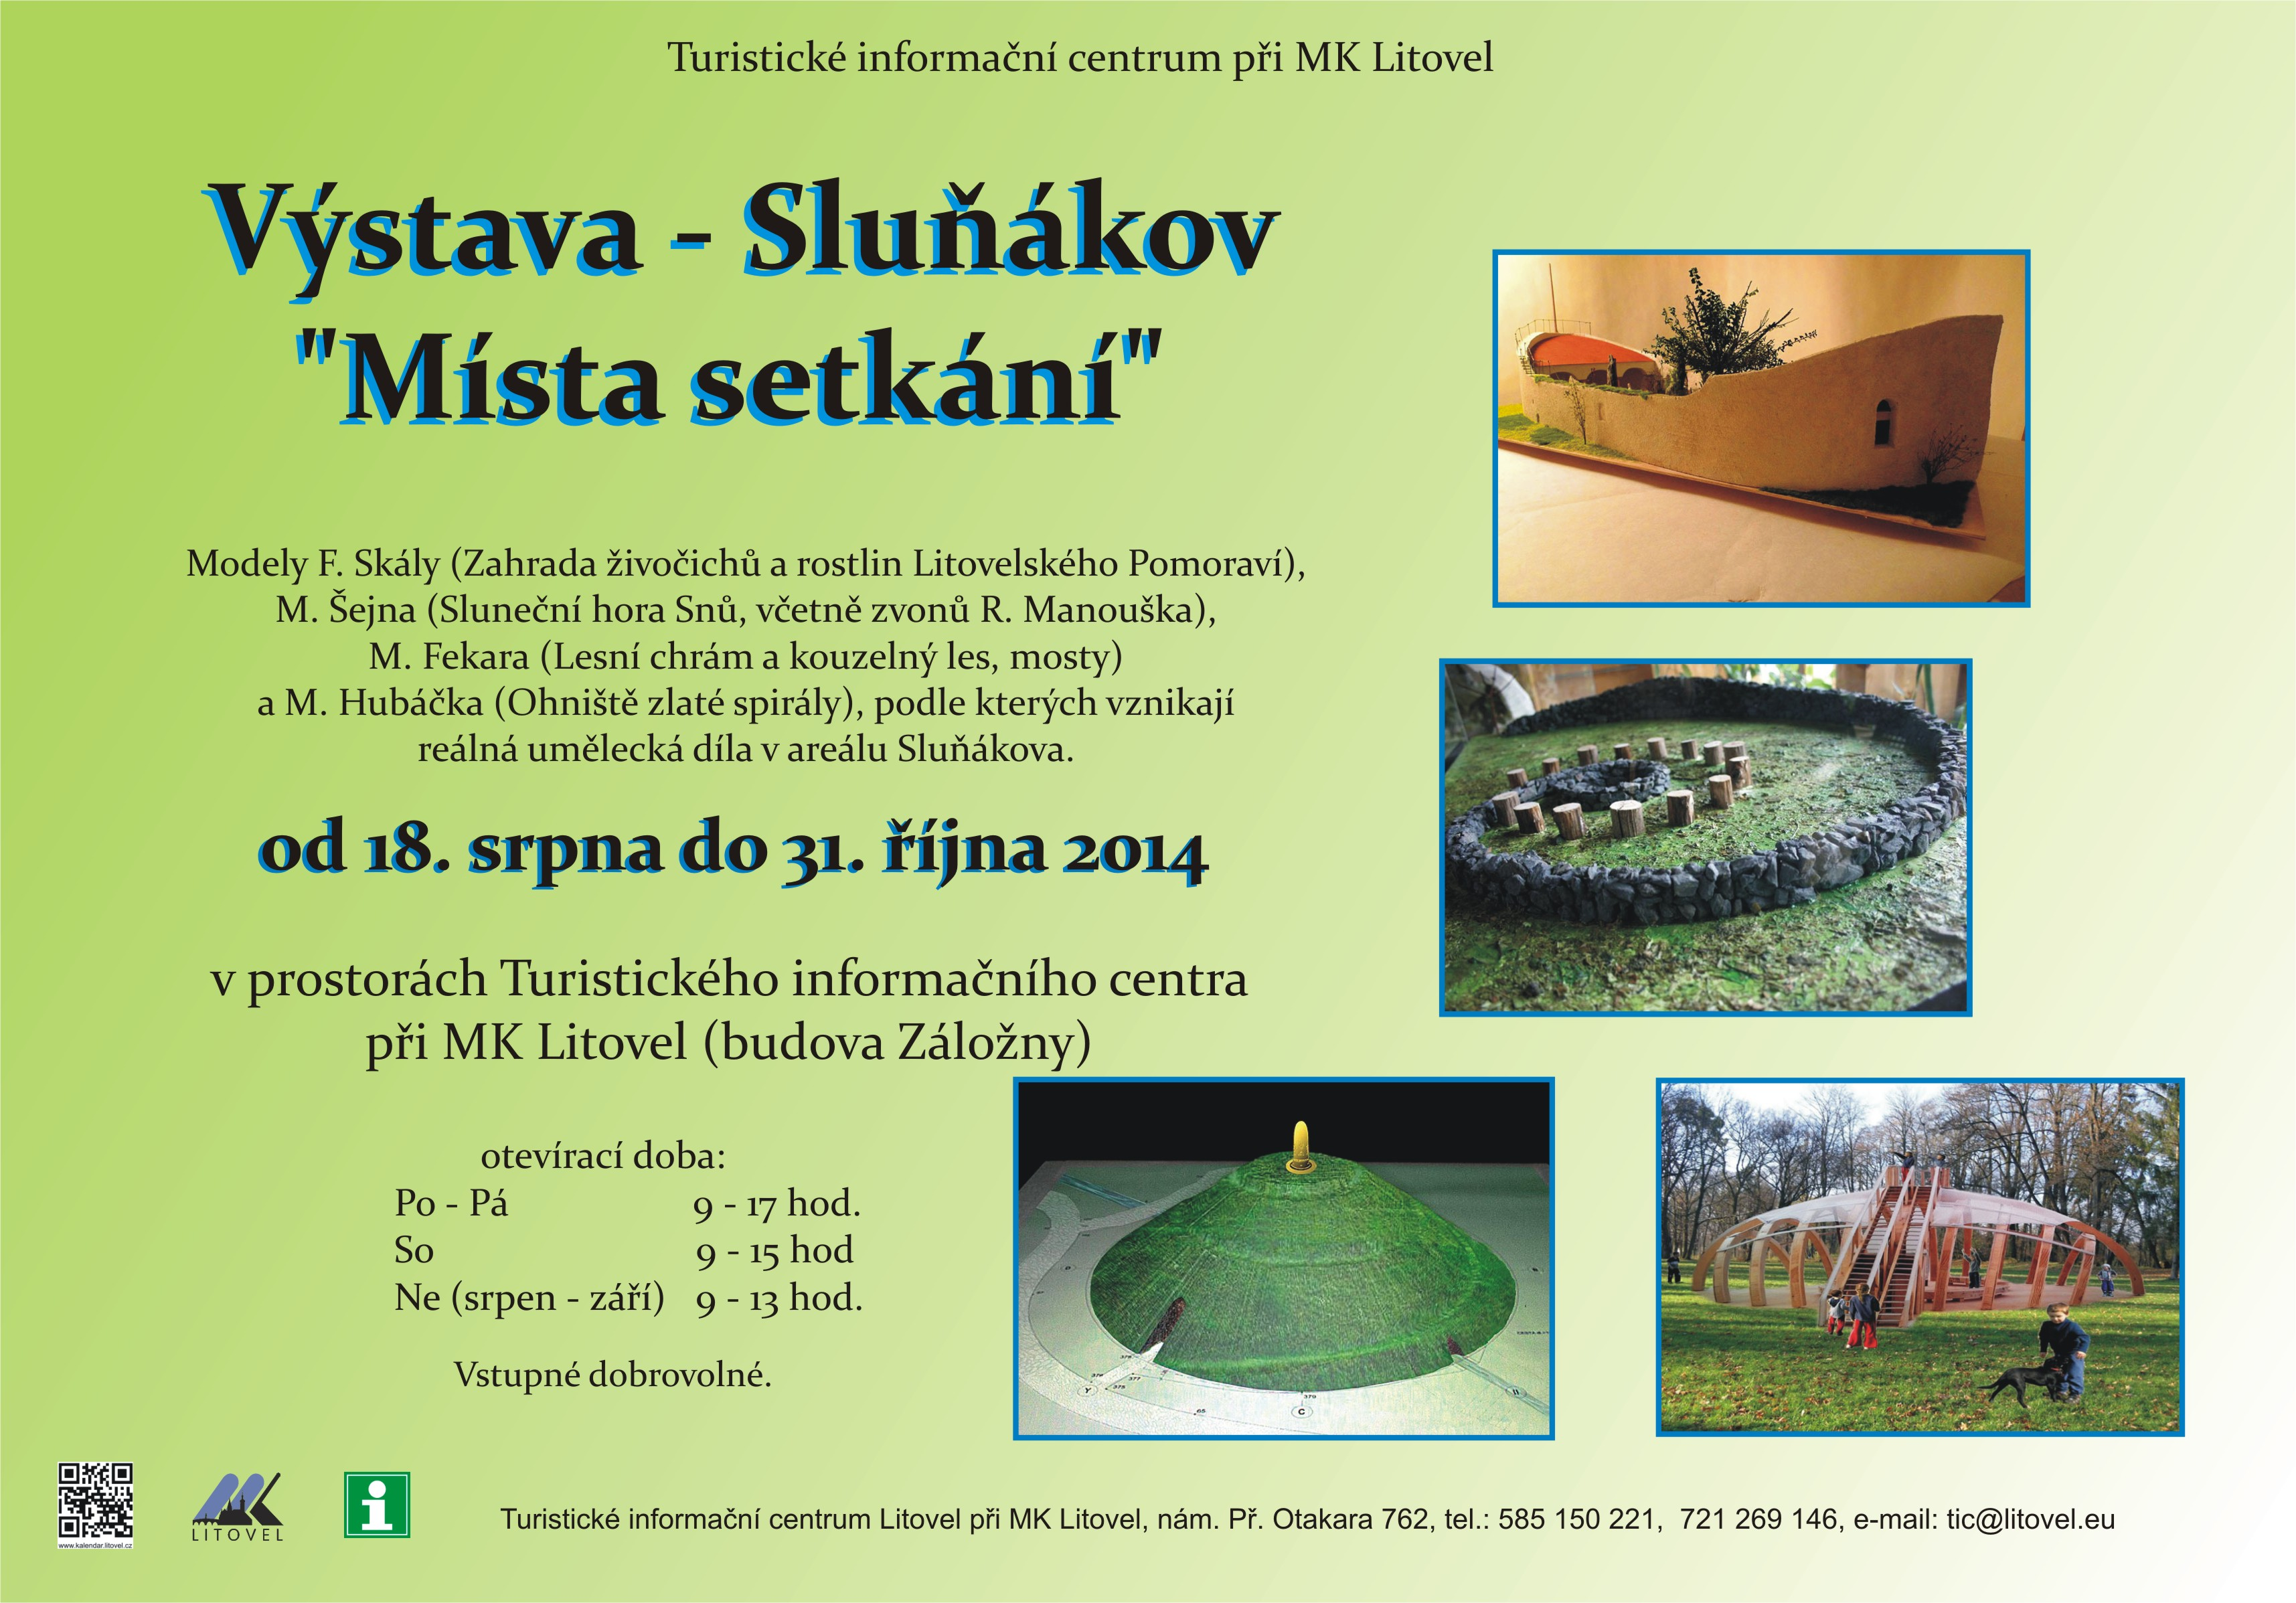 Výstava Sluňákov, obrázek se otevře v novém okně